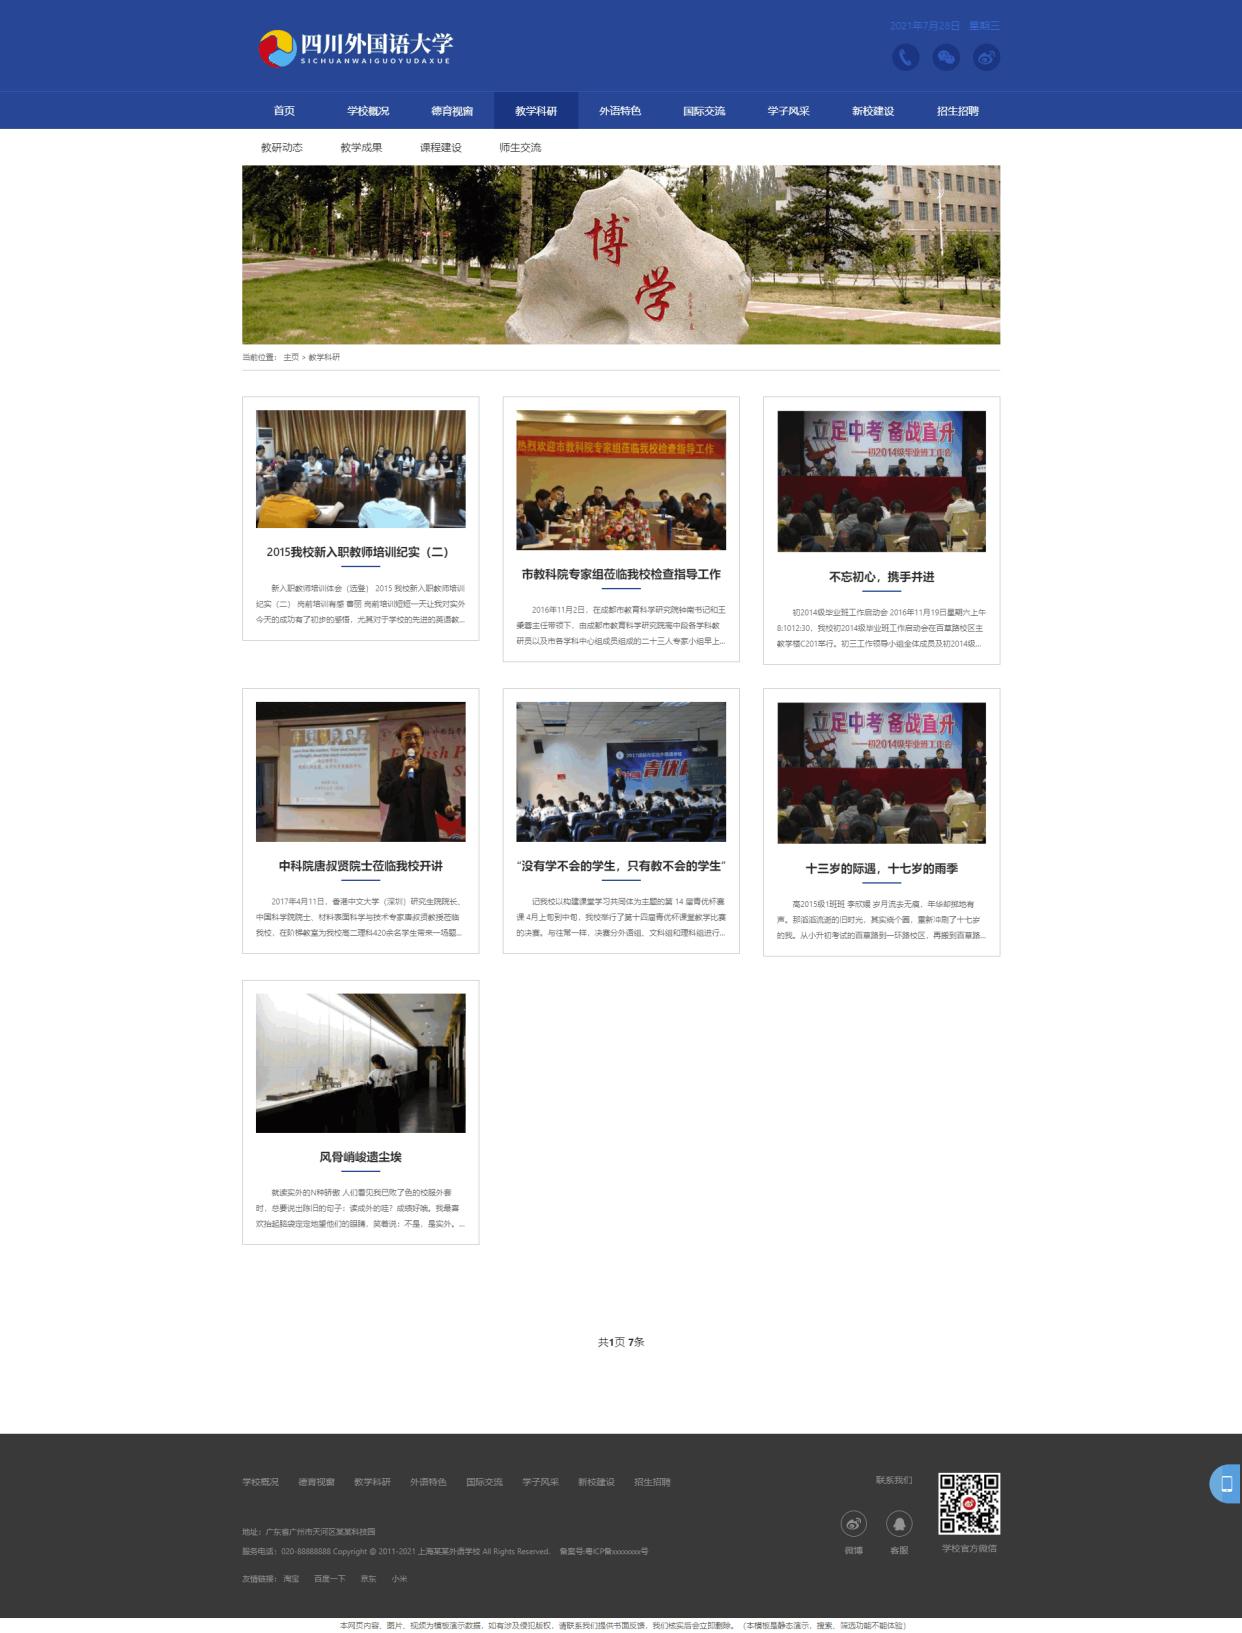 基于ThinkPHP5框架开发的响应式H5学校学院类教育门户网站PHP源码 PHP框架 第4张